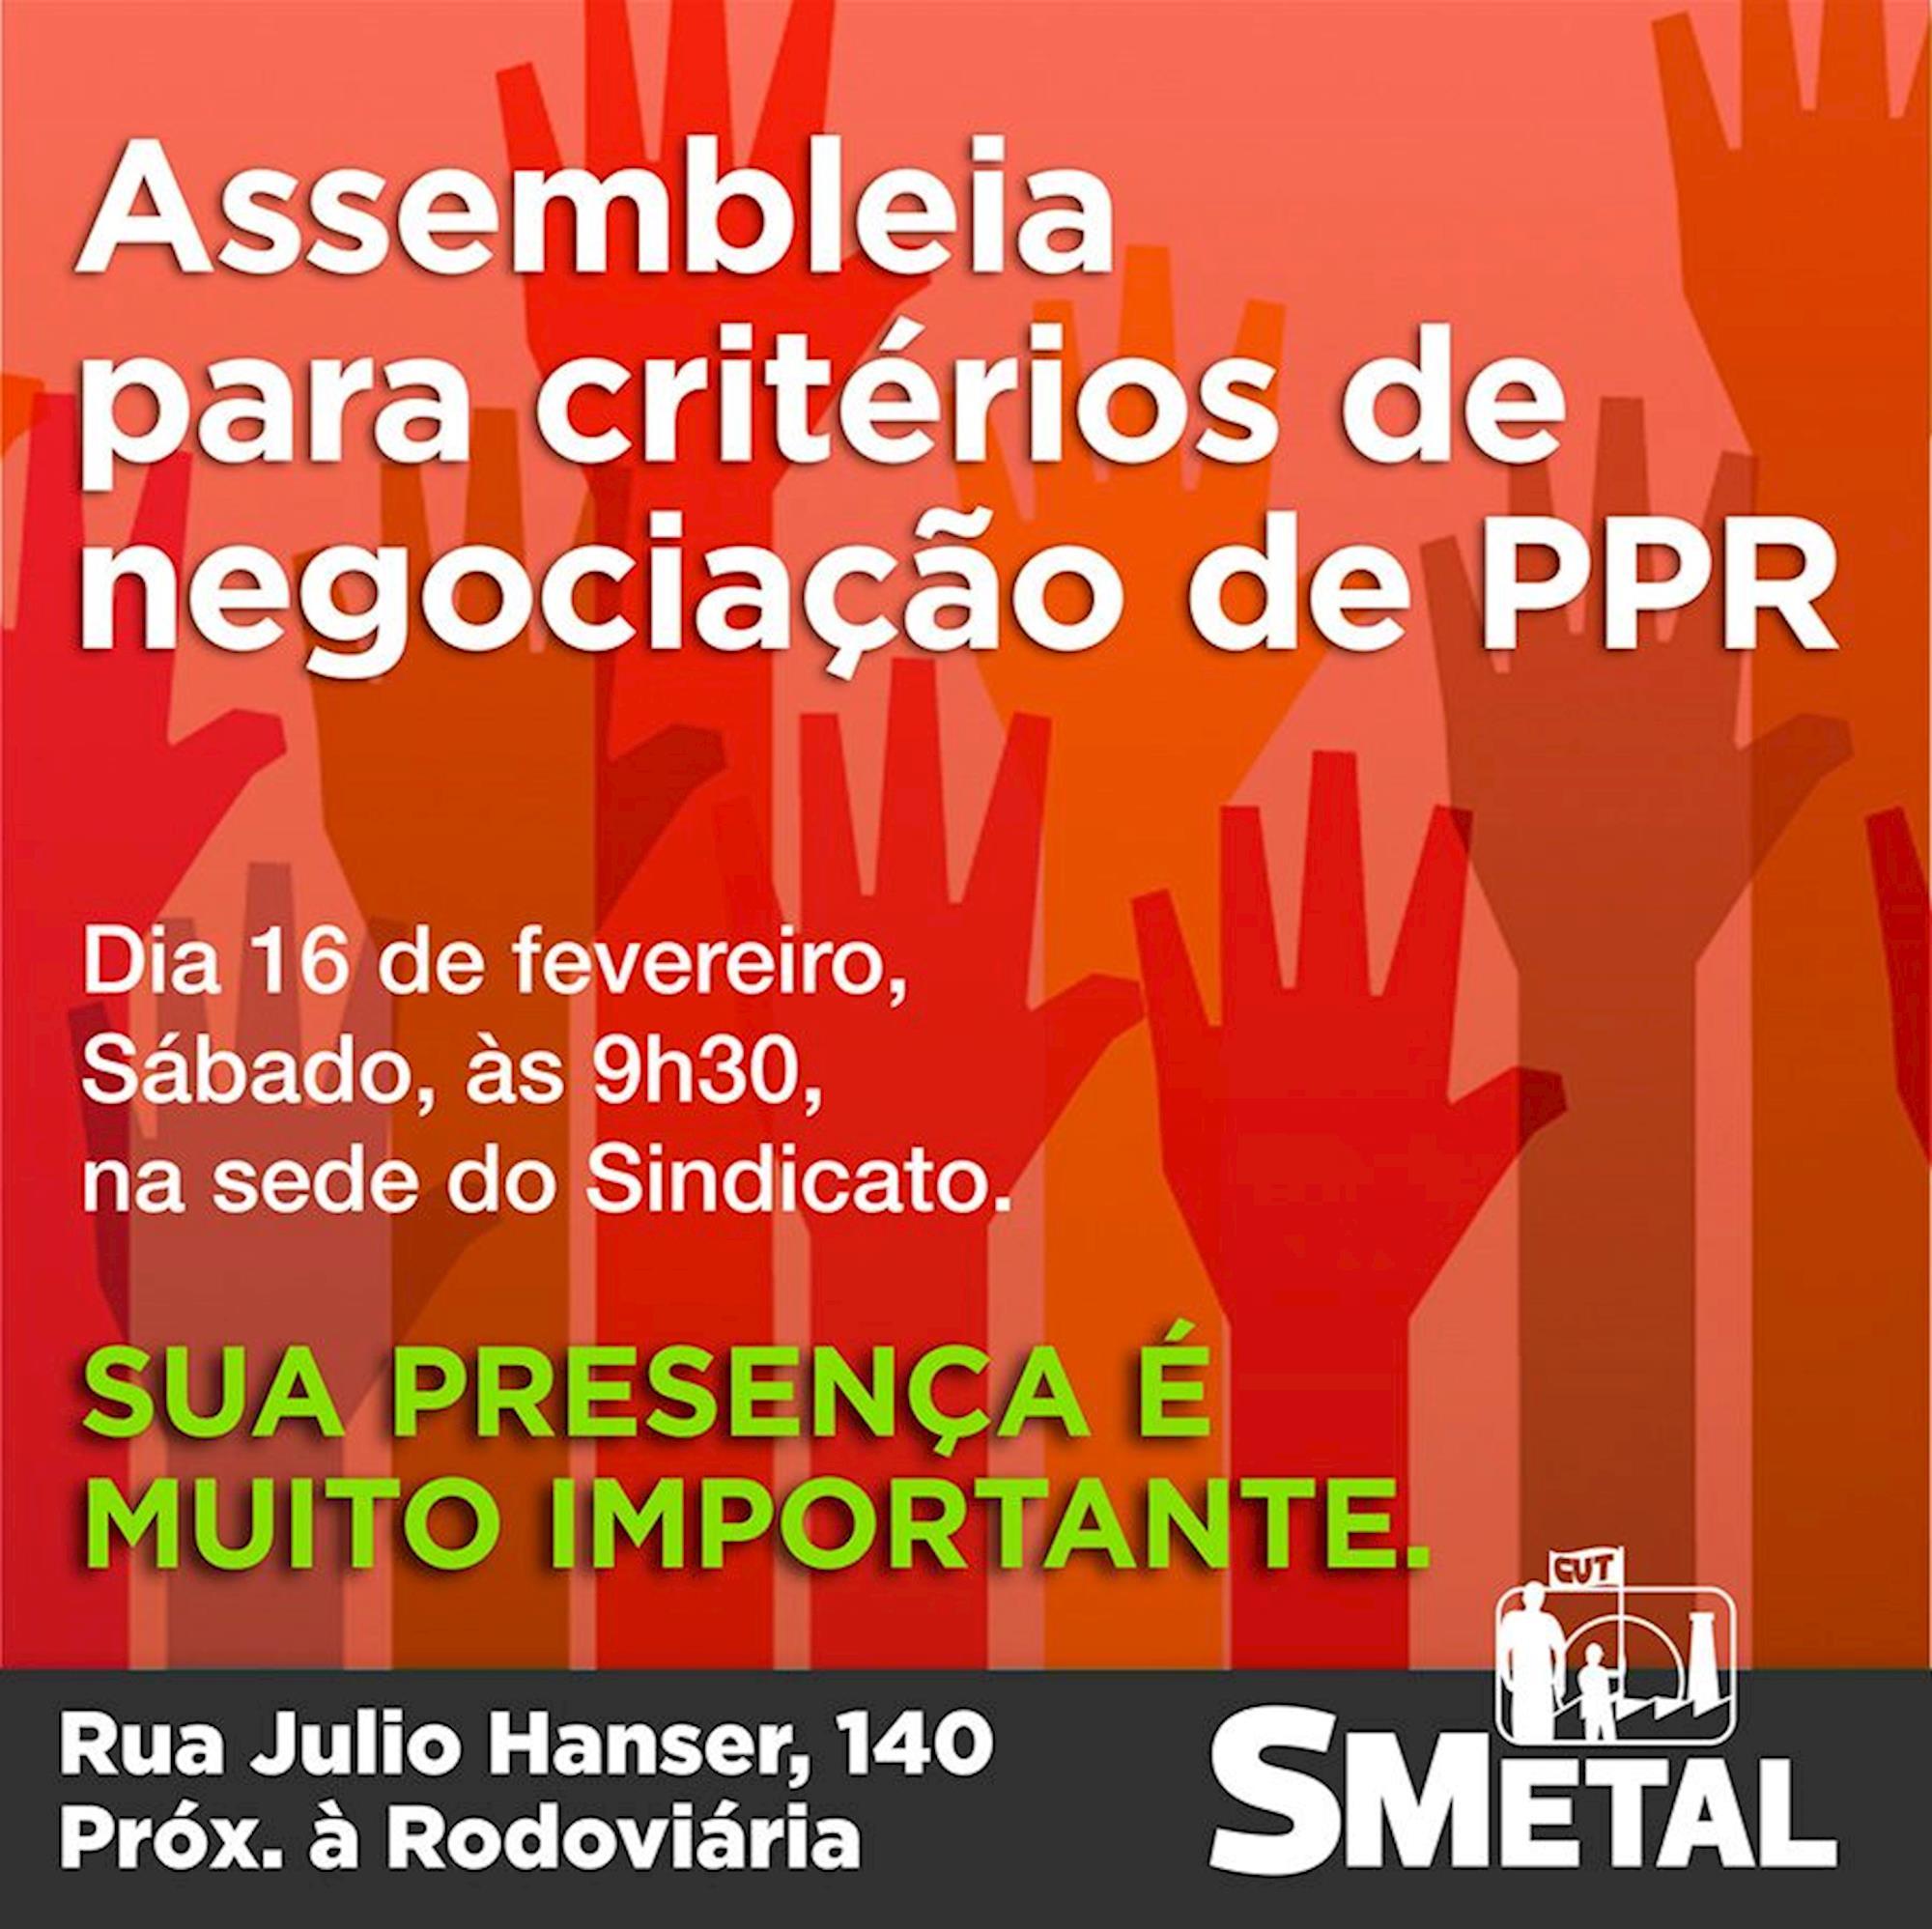 ppr, assembleia, plr, smetal, Arte: Cássio Freire